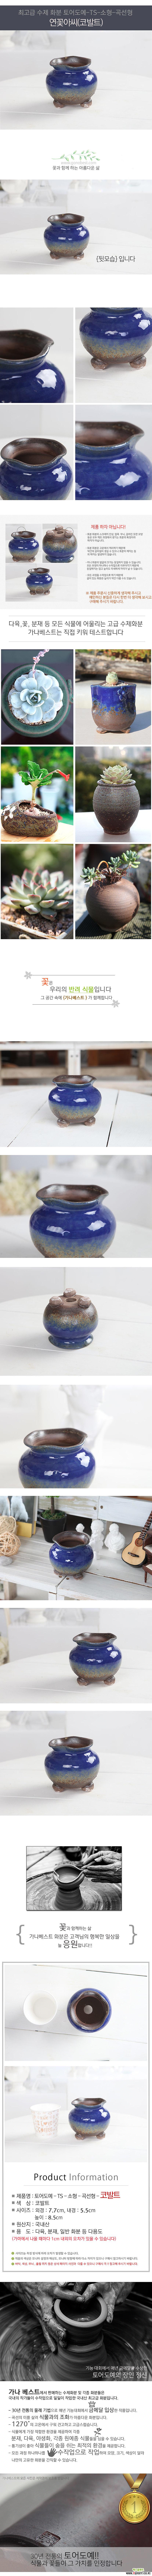 소형 클래식 연꽃아씨(코발트) - 최고급 수제 화분 토어도예-TS-소형-곡선형